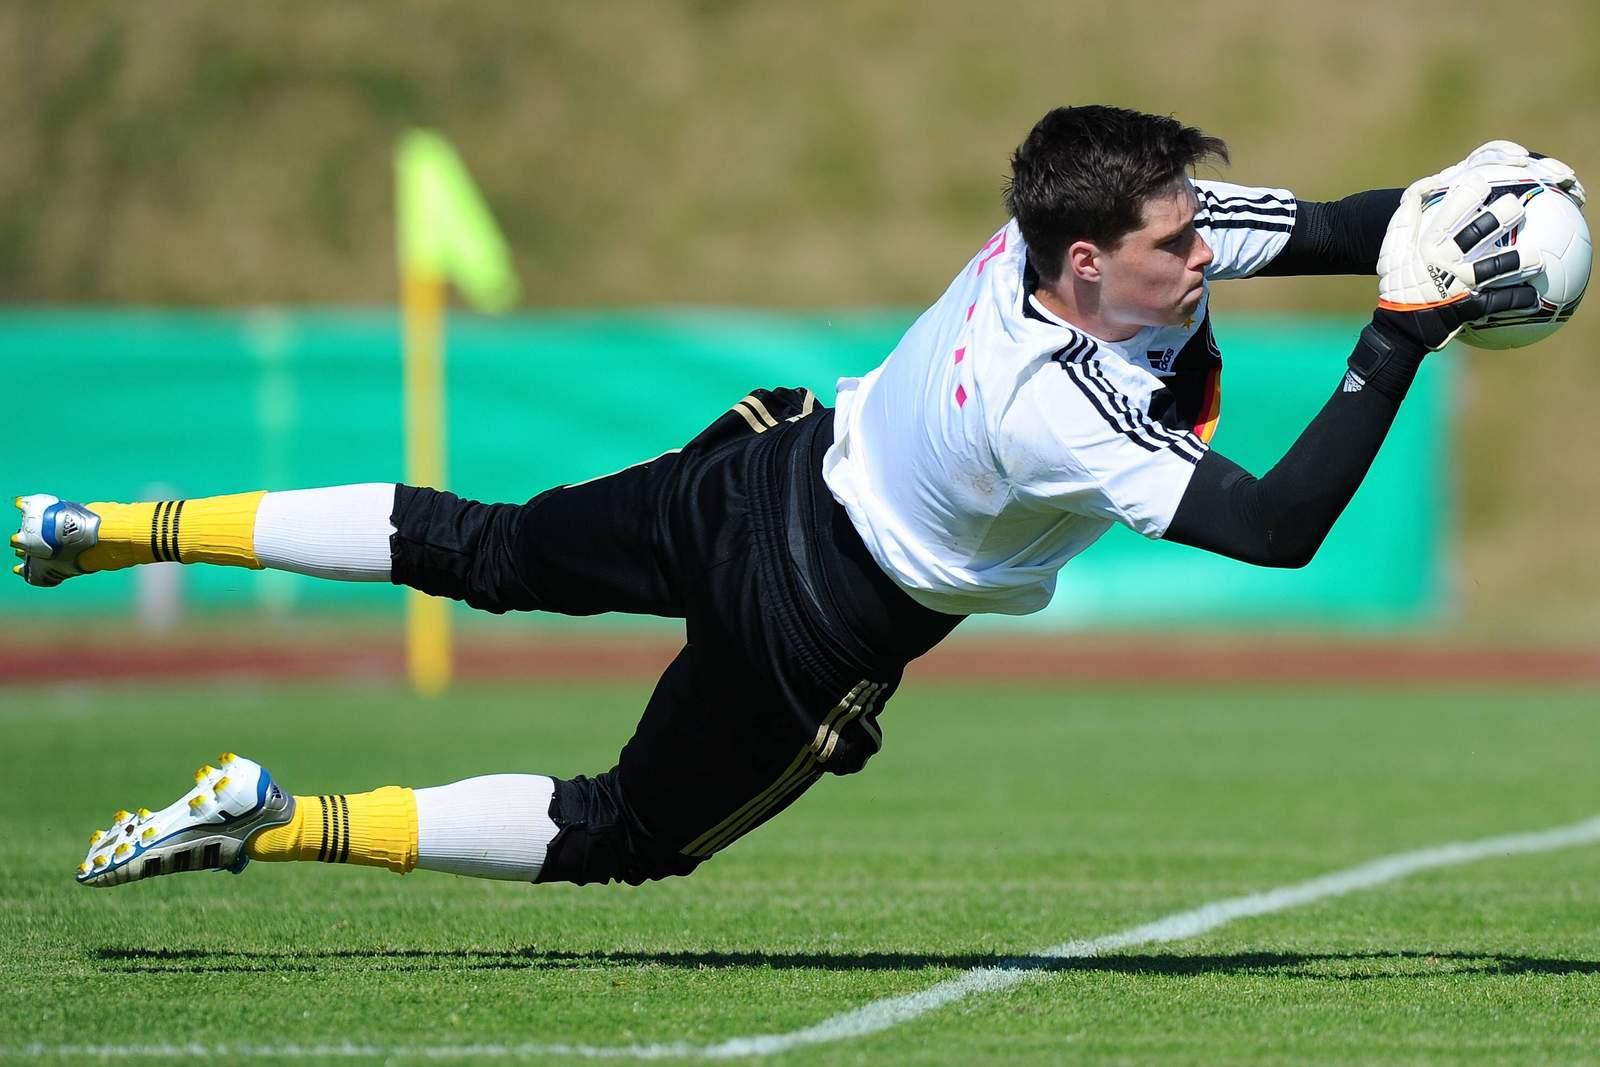 Florian Stritzel hechtet nach dem Ball